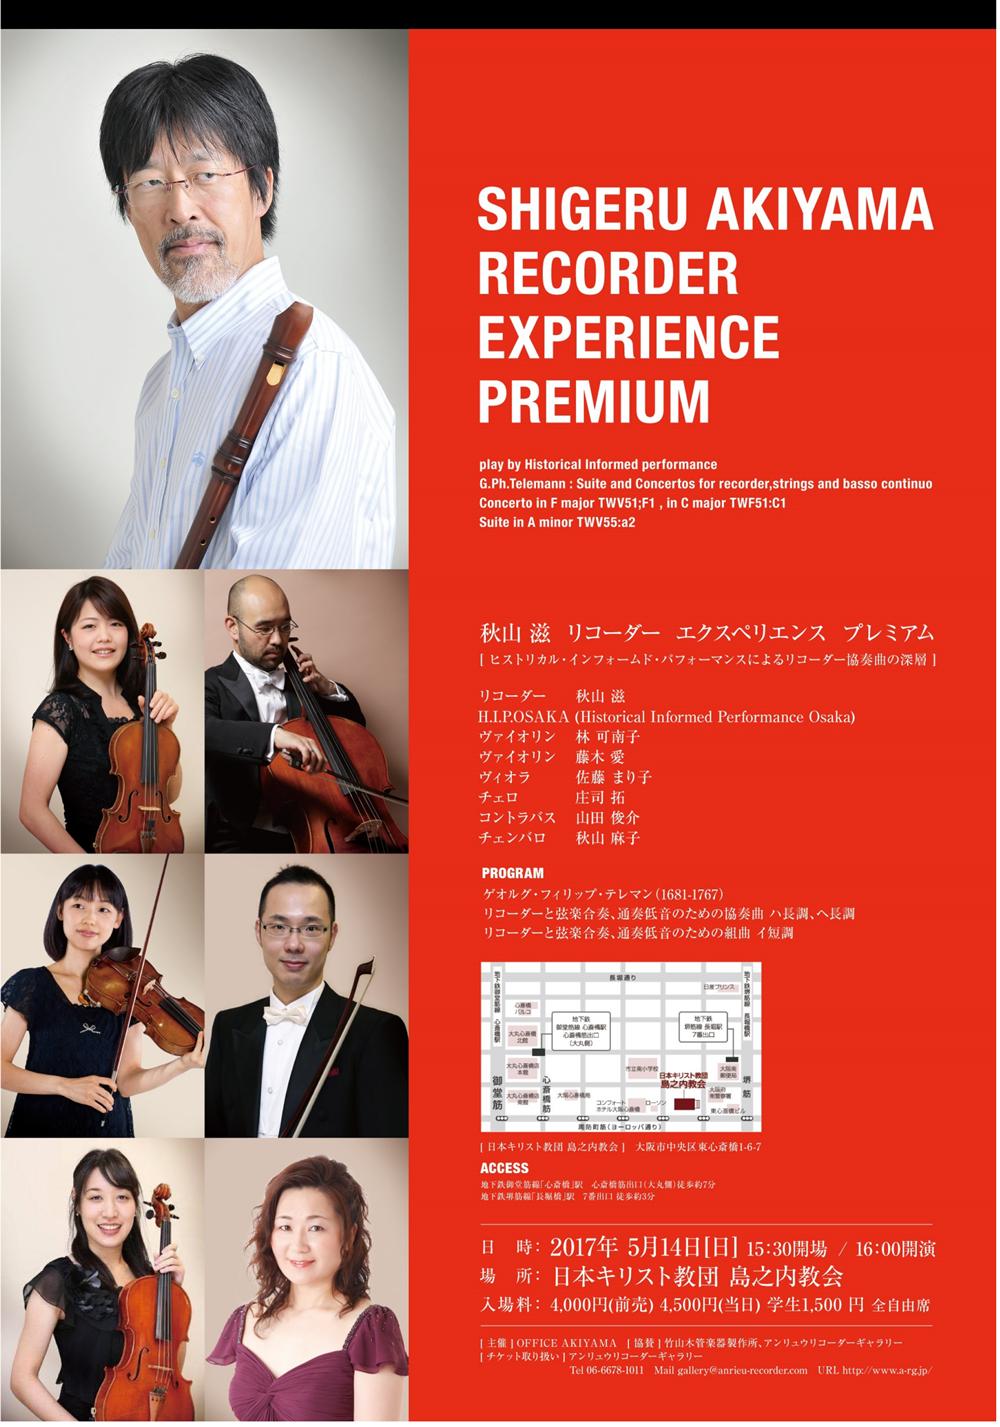 akiyama_shigeru_recorderss.png